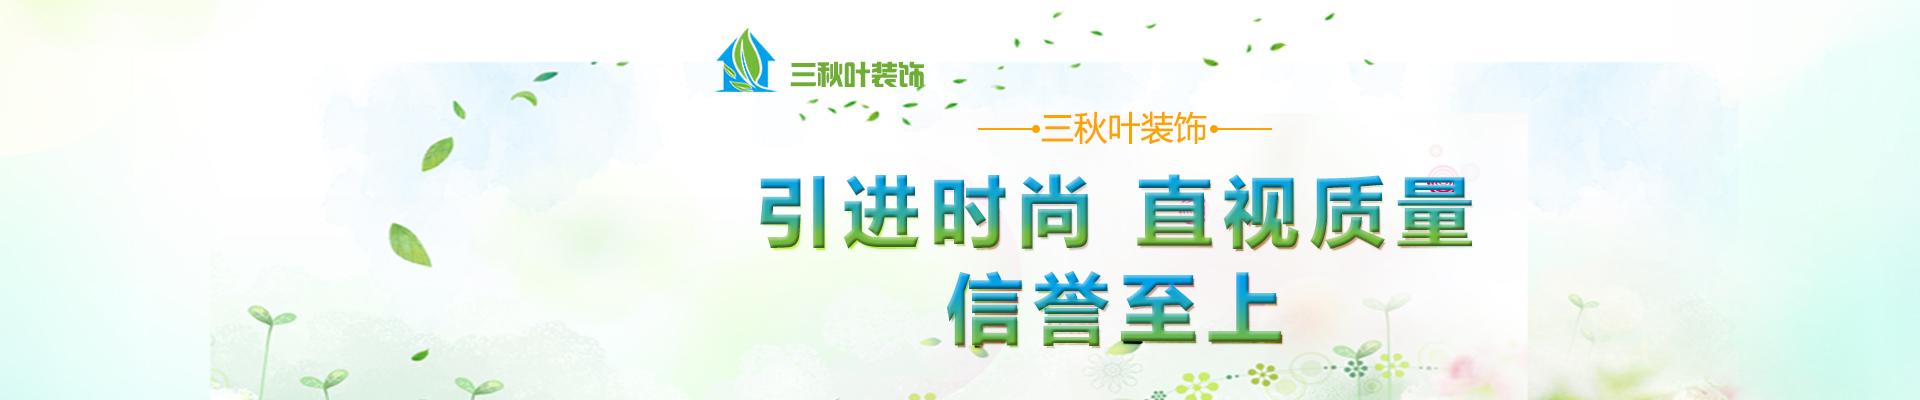 广安市三秋叶装饰设计有限公司